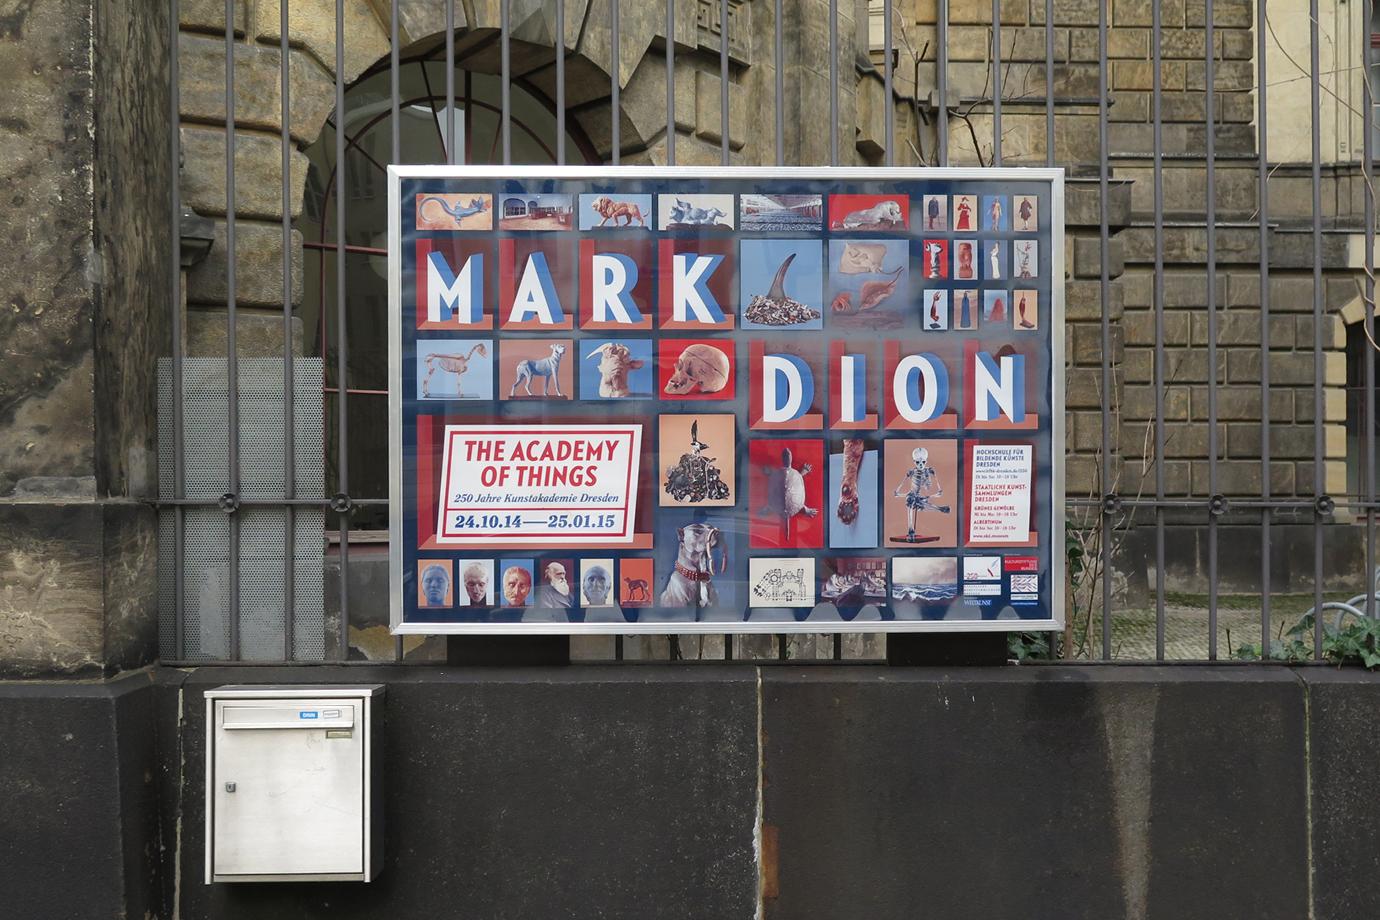 http://e-o-t.de/wordpress/wp-content/uploads/2017/10/2014_eot-MarkDion-Poster-04.jpg